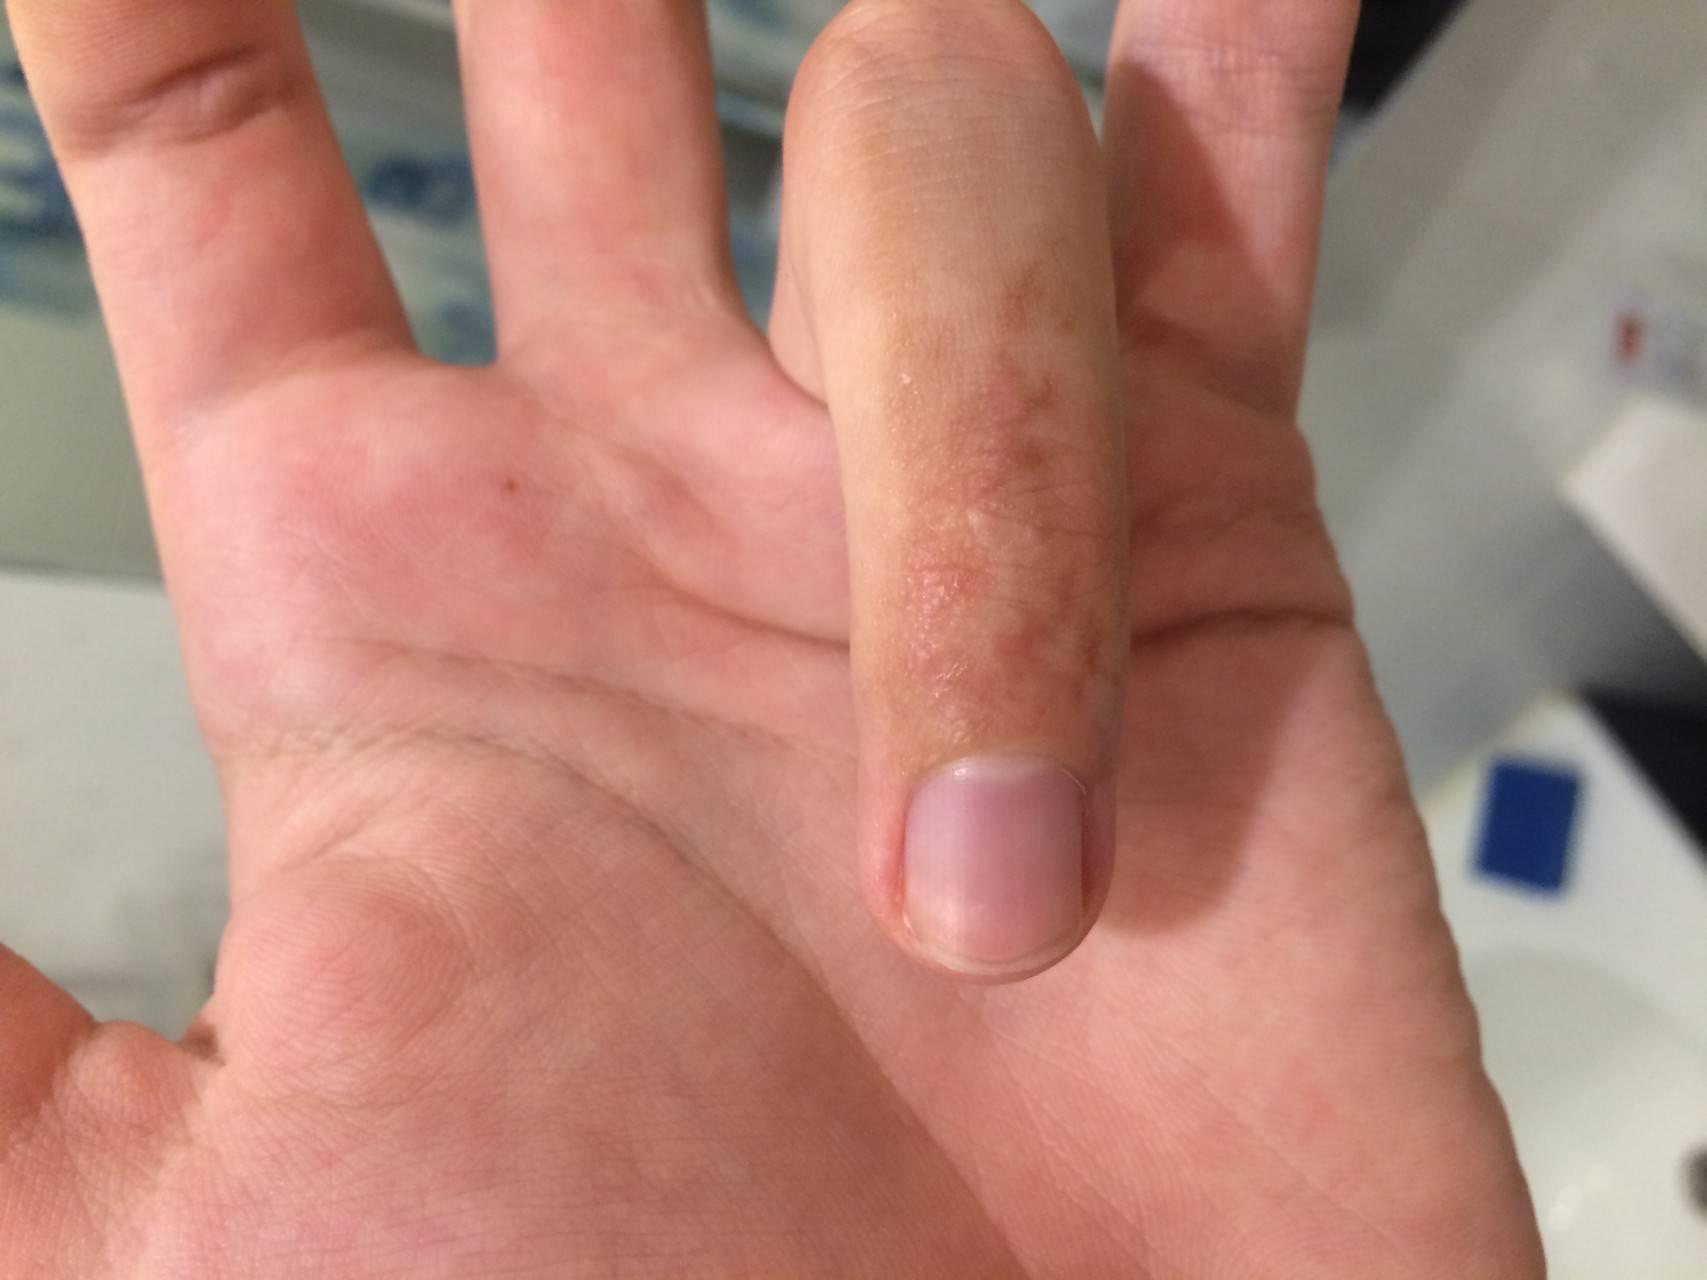 Прыщи на пальцах - рук и ног, появились водянистые, чешутся, фото, мелкие, лечение